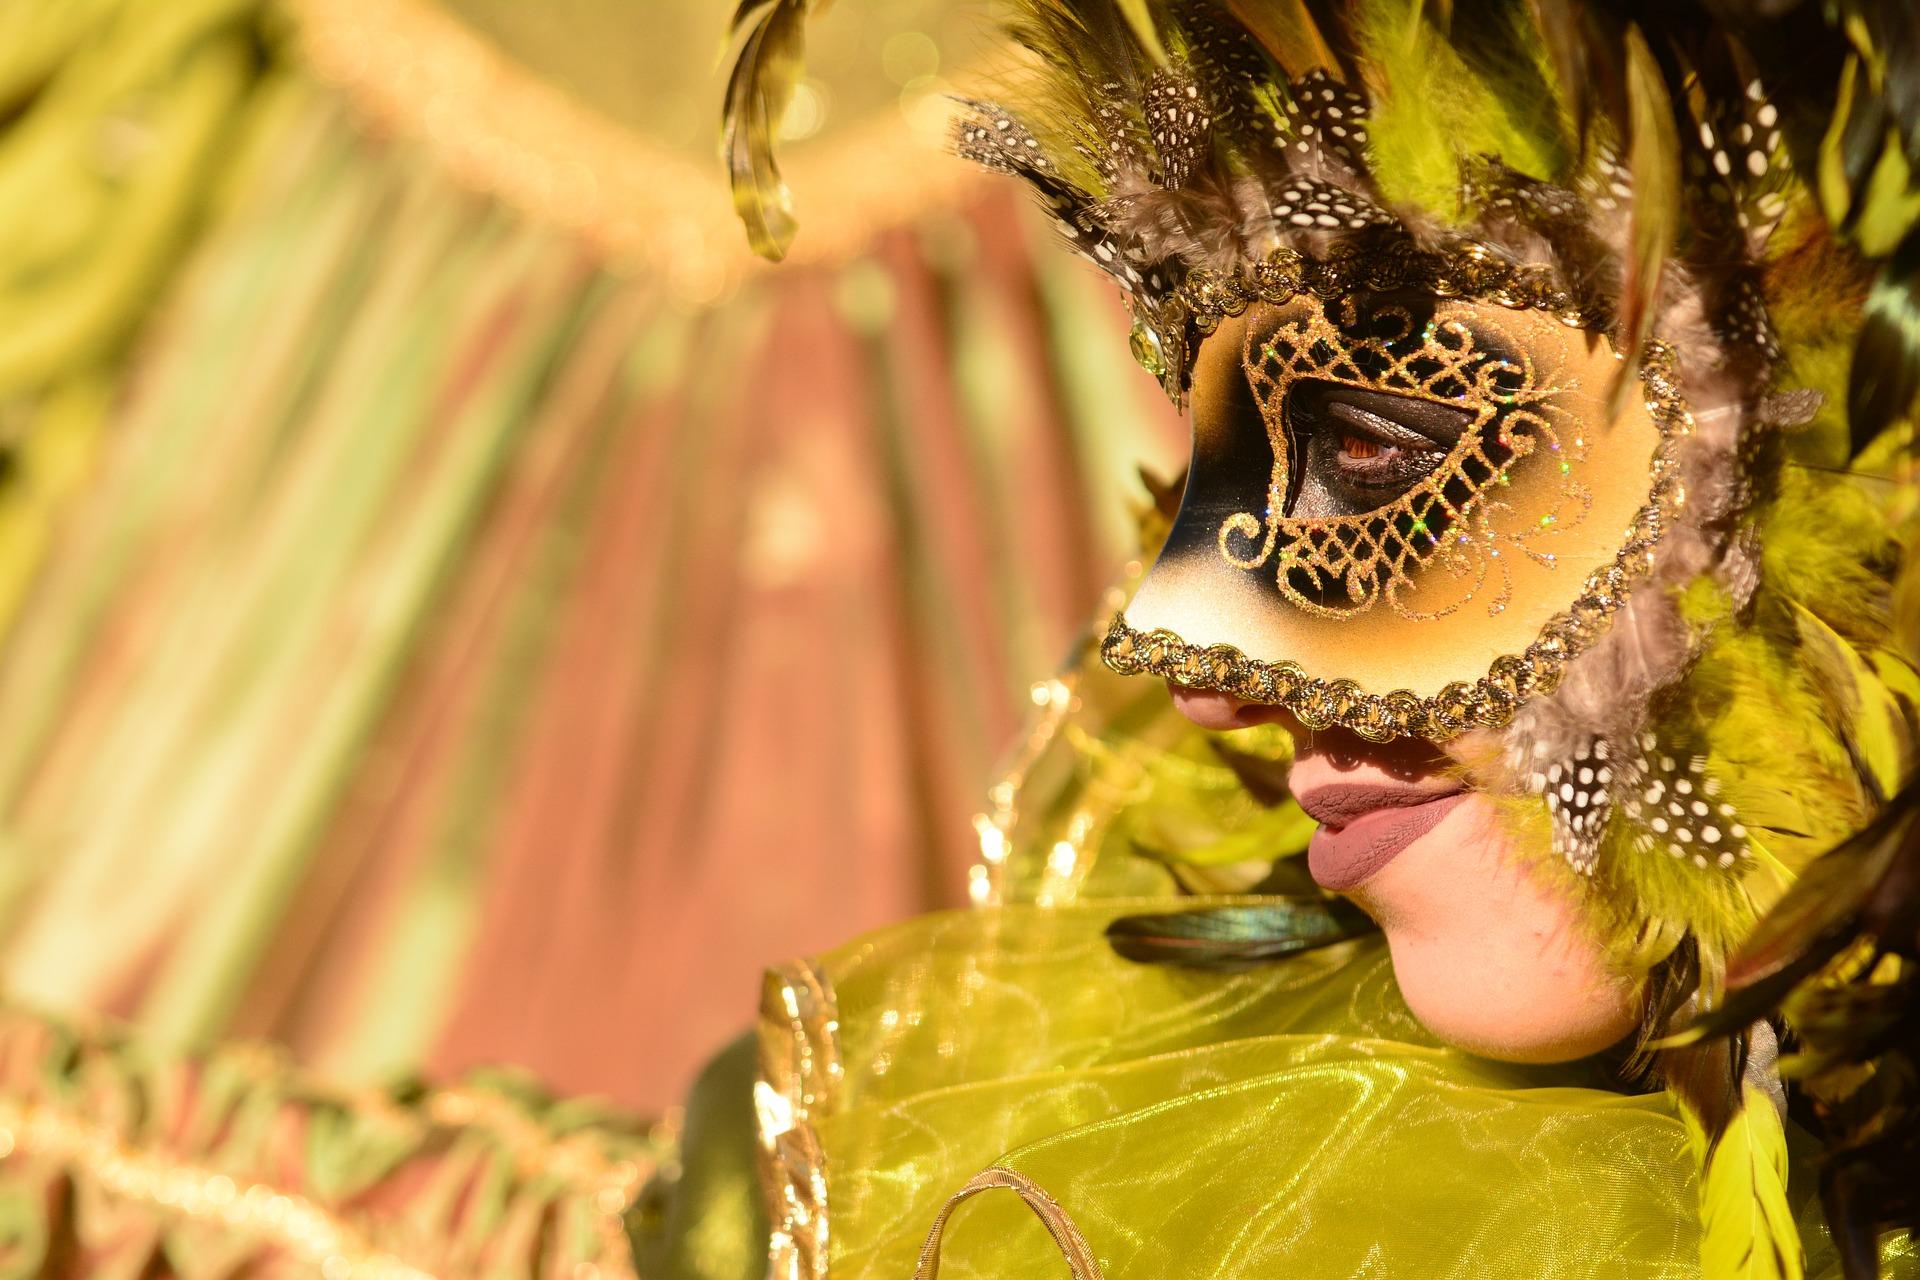 Un baile de máscaras: Yo también quiero ser grande